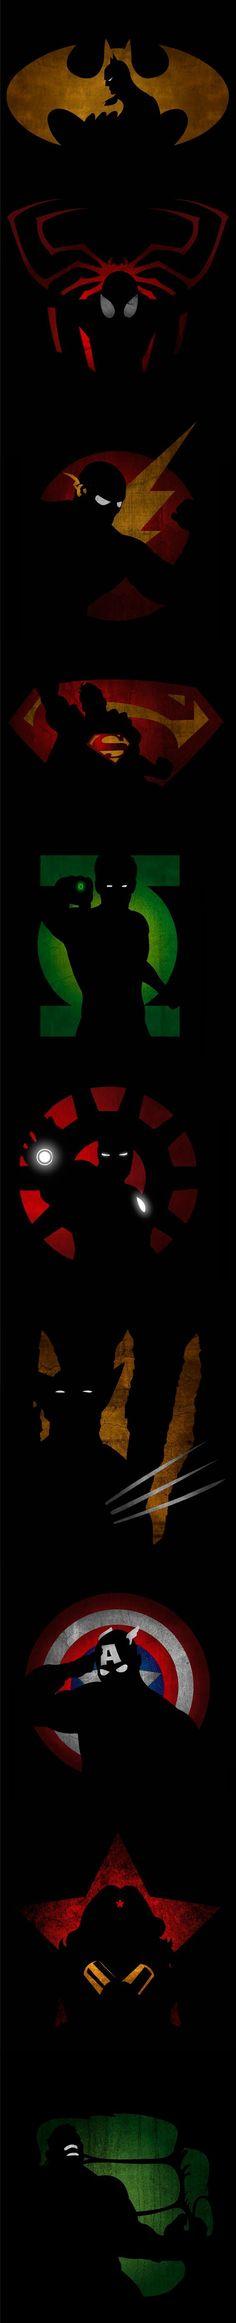 Nice Hero Shadow Logos !!